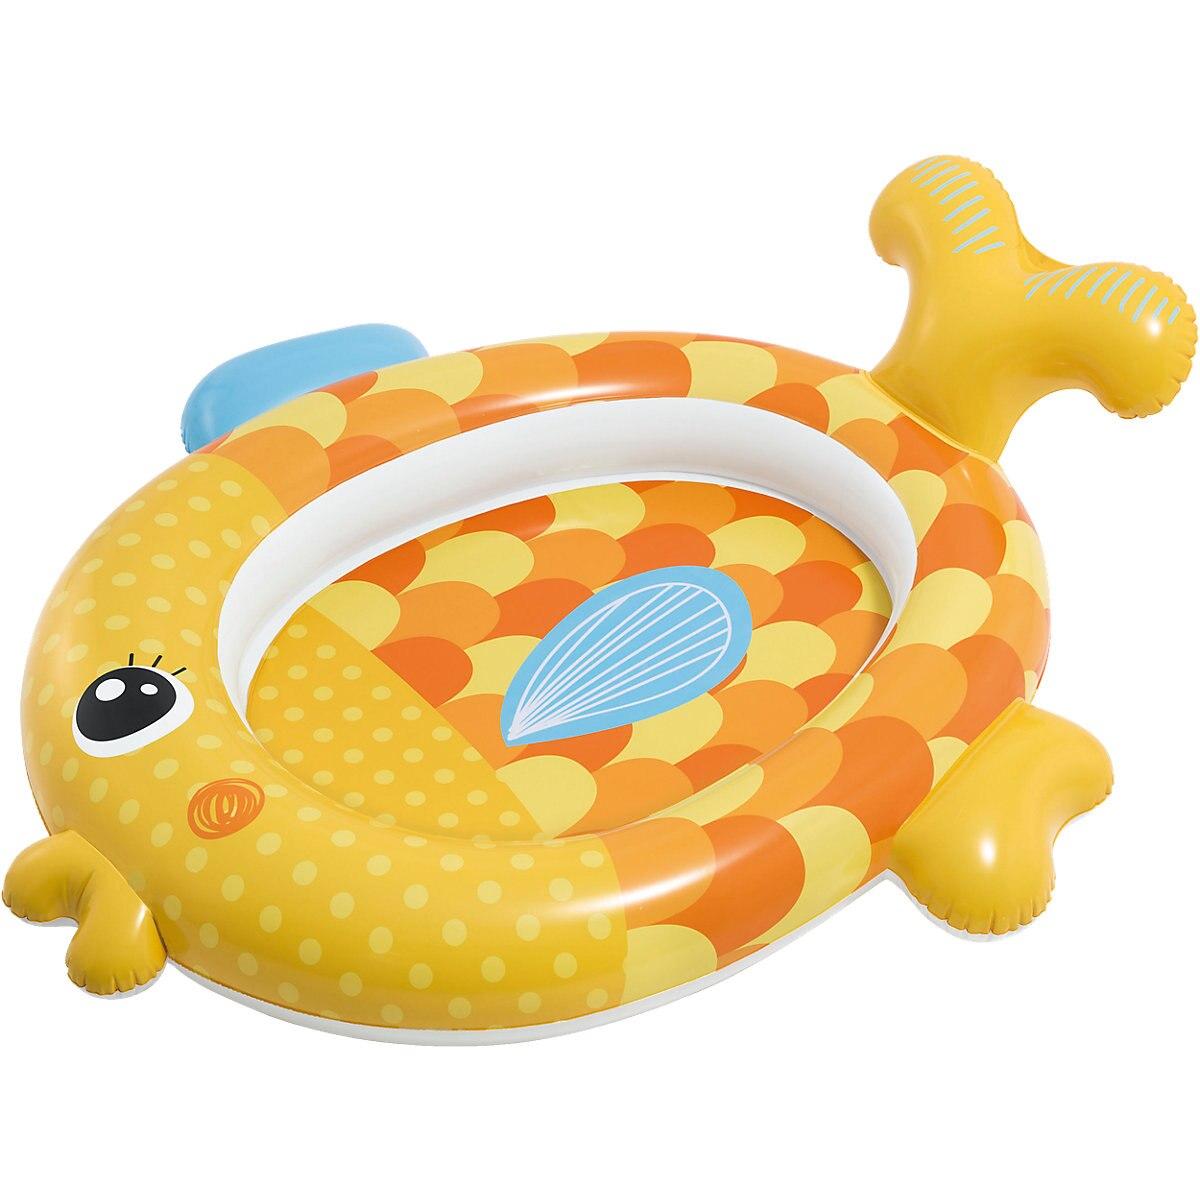 INTEX piscine 7225935 piscines gonflables accessoires activité & équipement baignoire enfants bébé pour enfants MTpromo